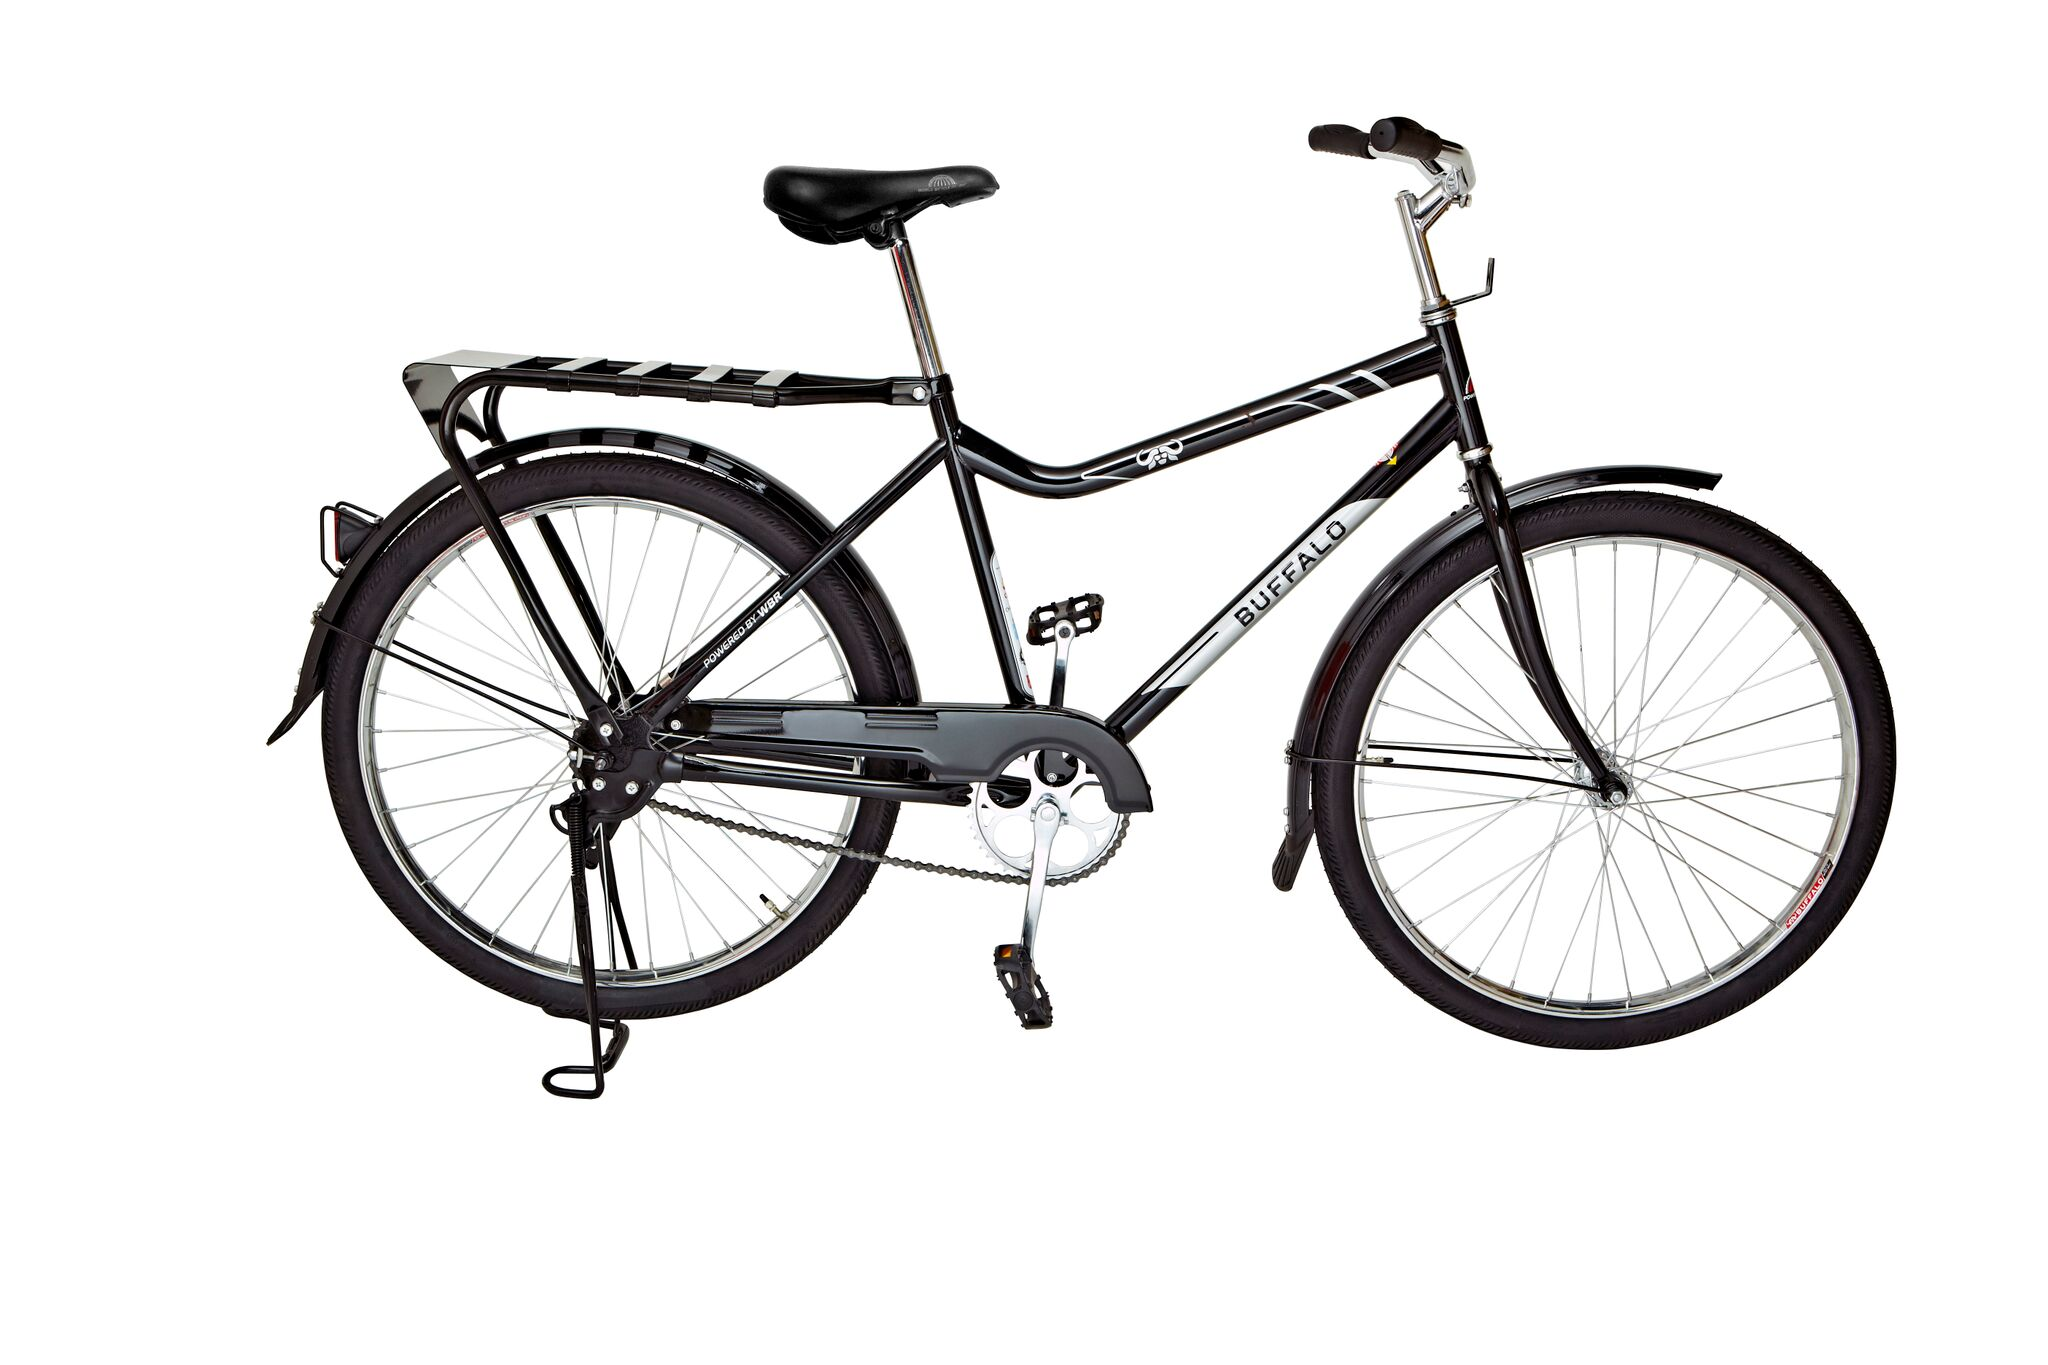 ©WorldBicycle Relief/ Das Buffalo-Fahrrad ist eigens für den Gebrauch in ländlichen Regionen von Entwicklungsländern konzipiert. Es ist robust, wartungsarm und hat eine Lastenkapazität von 100 kg plus Fahrergewicht.